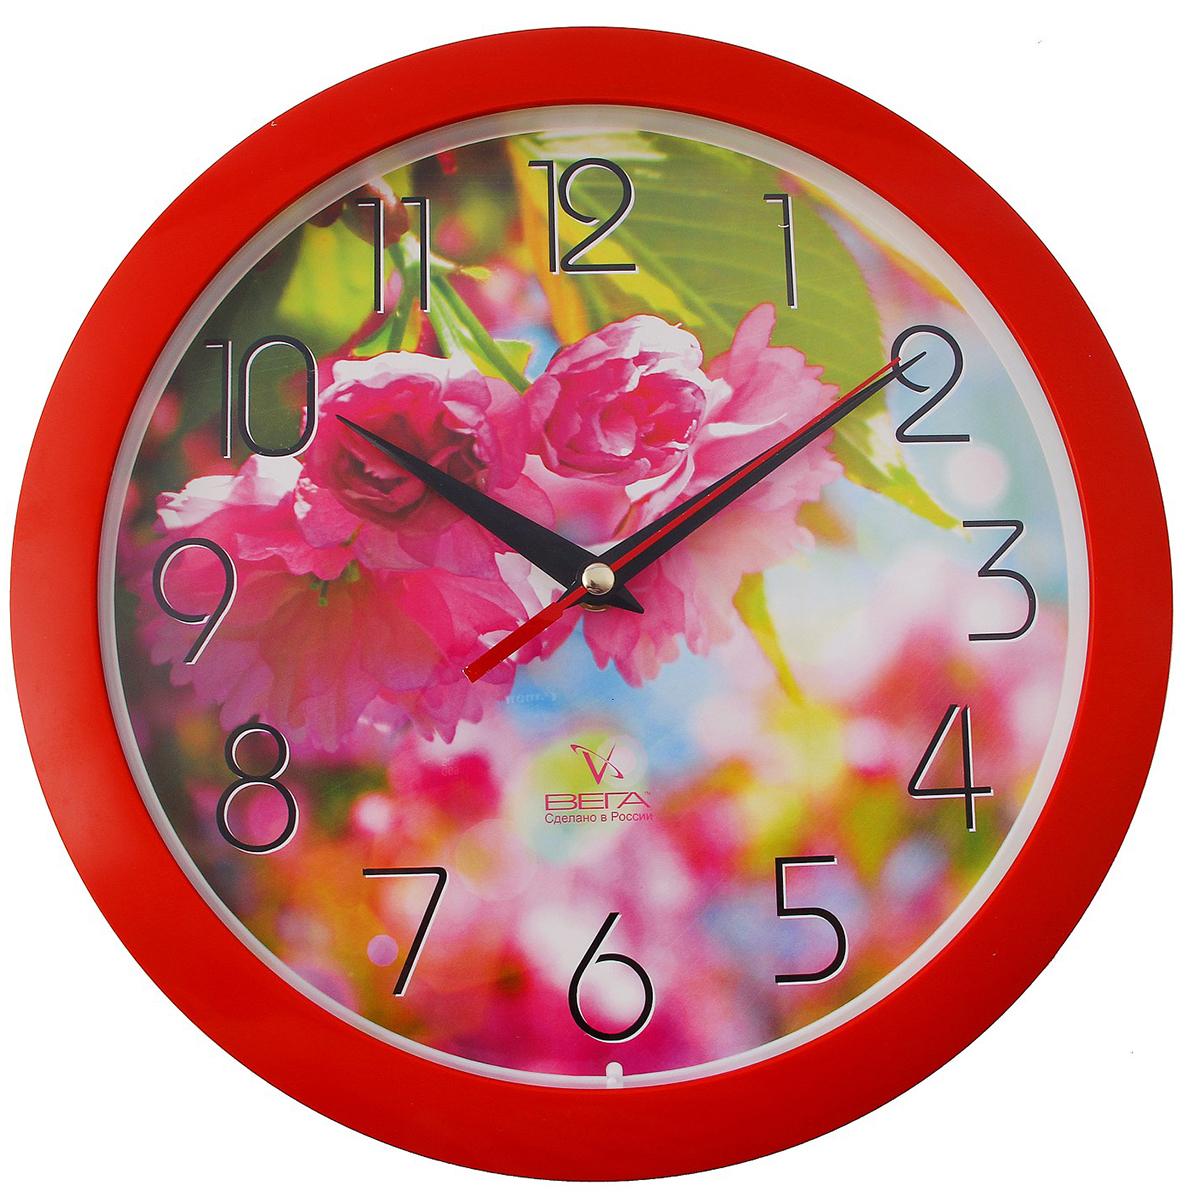 """Часы настенные круглые """"Азалия"""", цветы — сувенир в полном смысле этого слова. И главная его задача — хранить воспоминание о месте, где вы побывали, или о том человеке, который подарил данный предмет. Преподнесите эту вещь своему другу, и она станет достойным украшением его дома. Каждому хозяину периодически приходит мысль обновить свою квартиру, сделать ремонт, перестановку или кардинально поменять внешний вид каждой комнаты. Часы настенные круглые """"Азалия"""", цветы — привлекательная деталь, которая поможет воплотить вашу интерьерную идею, создать неповторимую атмосферу в вашем доме. Окружите себя приятными мелочами, пусть они радуют глаз и дарят гармонию.Часы настенные круглые """"Азалия"""", цветы 708052"""